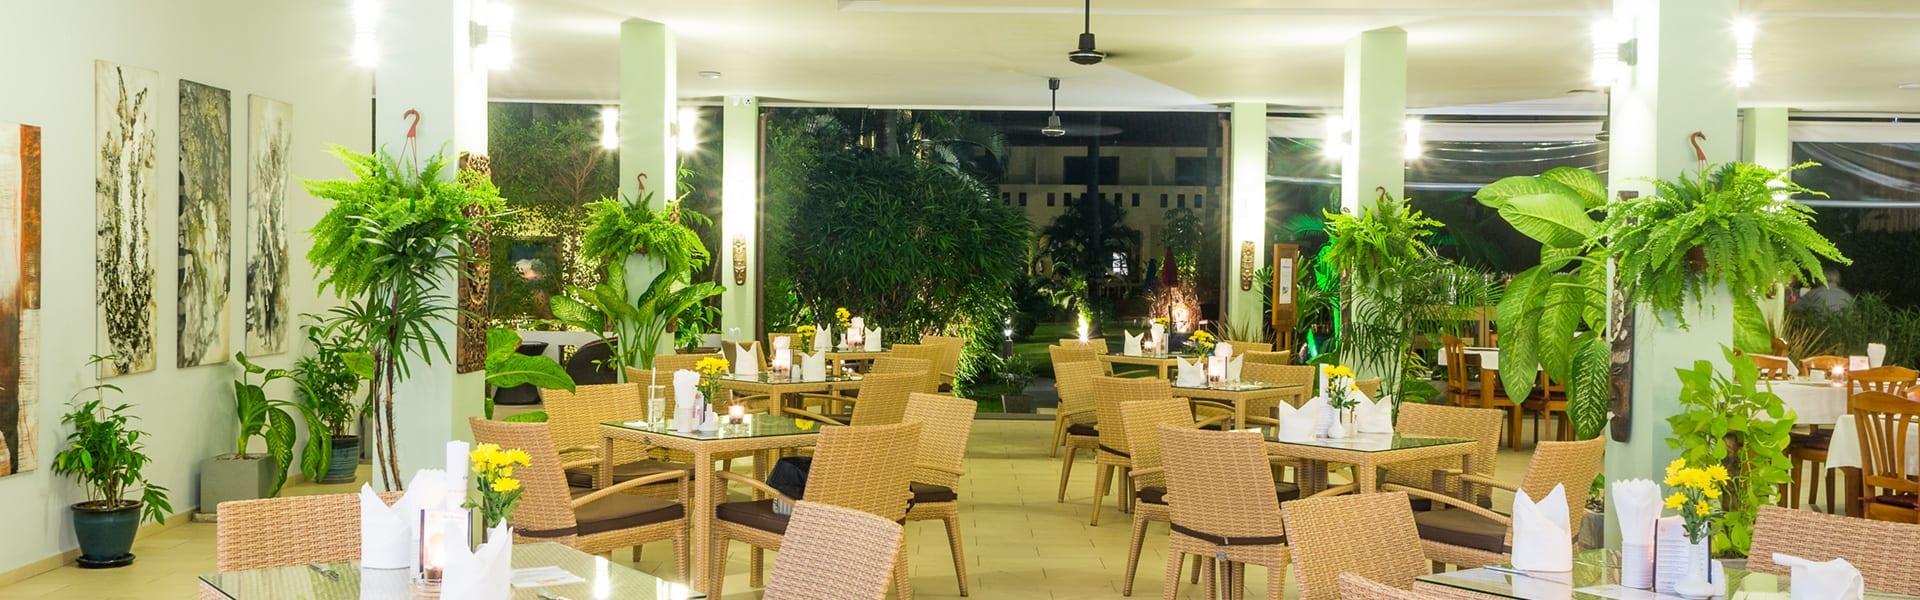 Restaurant Austrian Garden